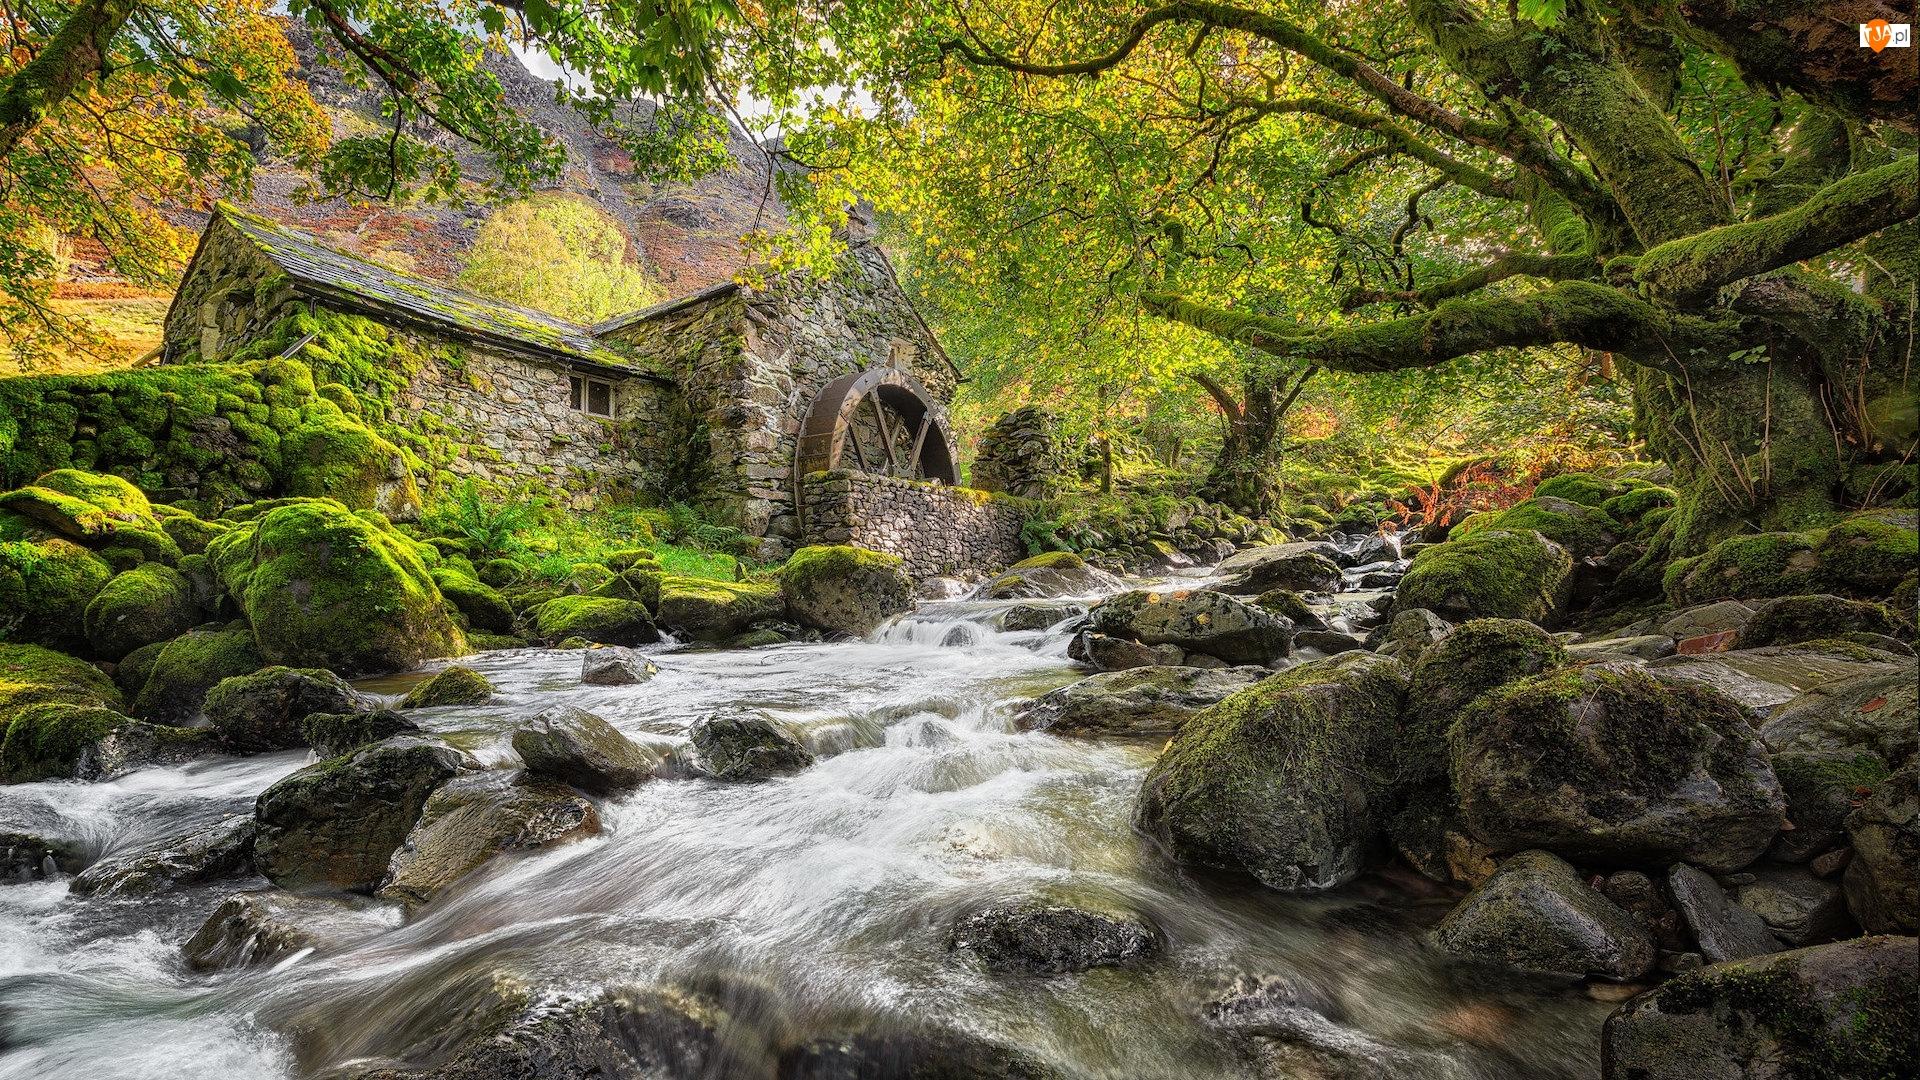 Drzewa, Hrabstwo Kumbria, Kamienie, Rzeka, Omszałe, Borrowdale, Kamienny, Anglia, Młyn